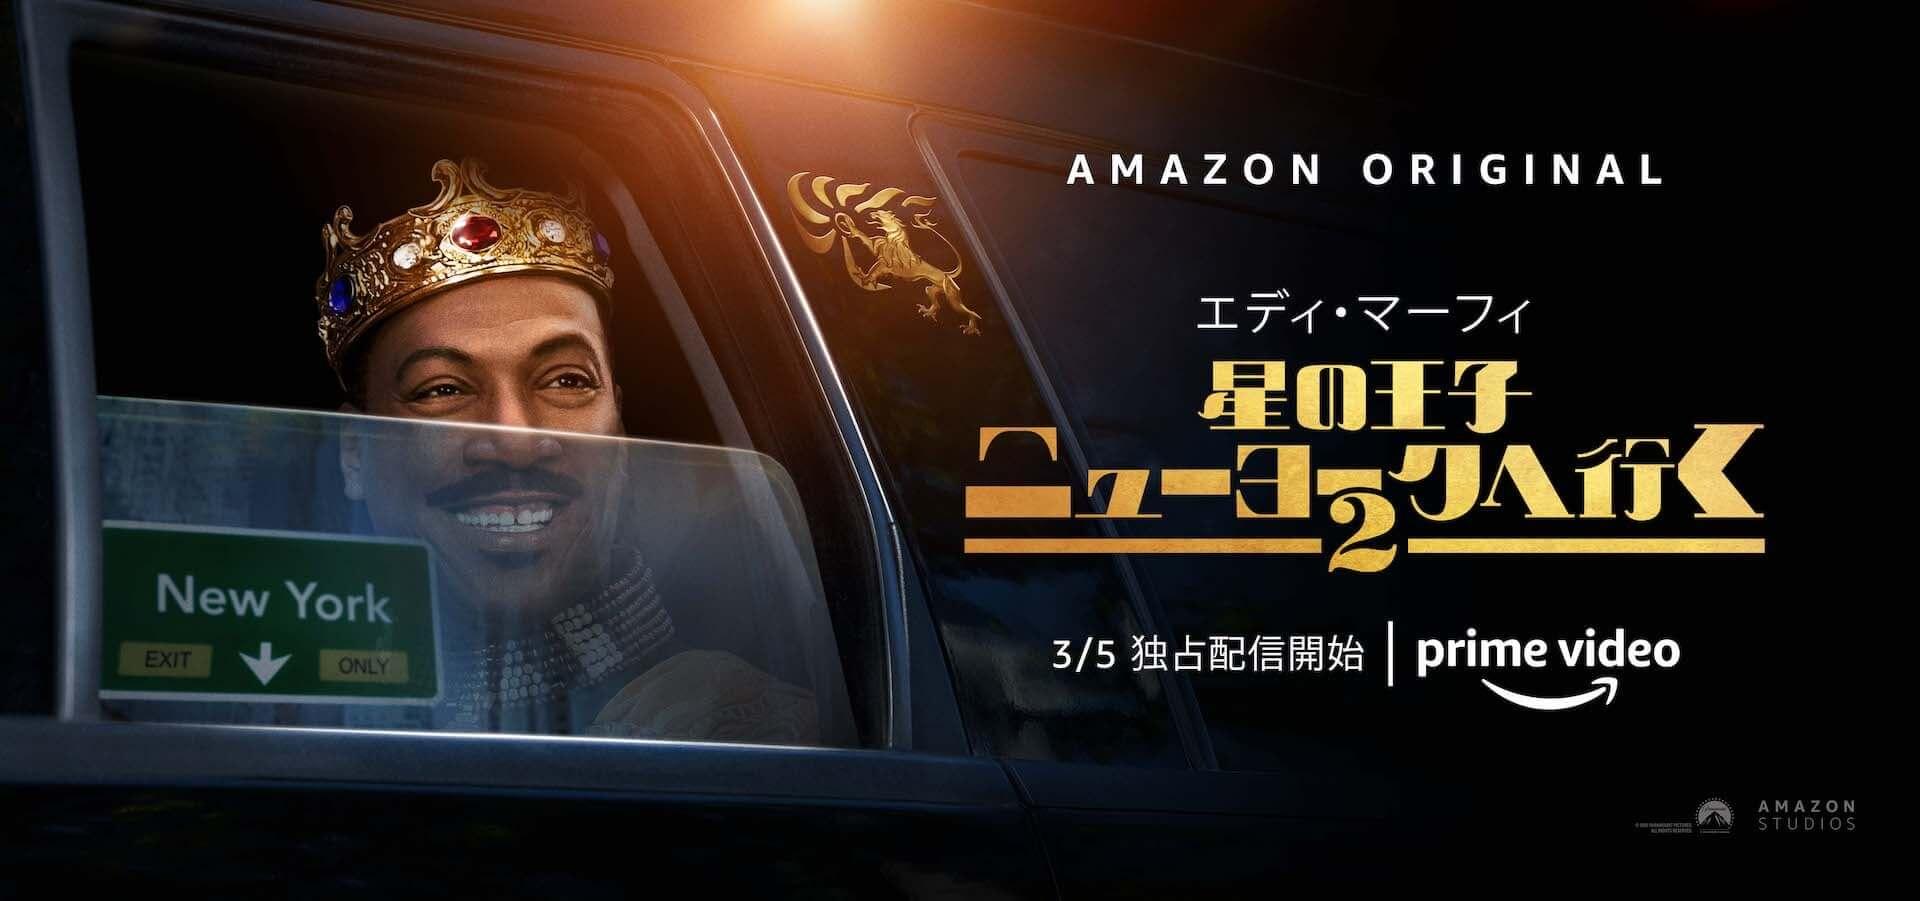 エディ・マーフィ演じる王子の冒険劇が再び!Amazonプライムビデオ『星の王子ニューヨークへ行く 2』予告編トレーラーが初公開&コメントも到着 film201223_coming2america2_6-1920x901